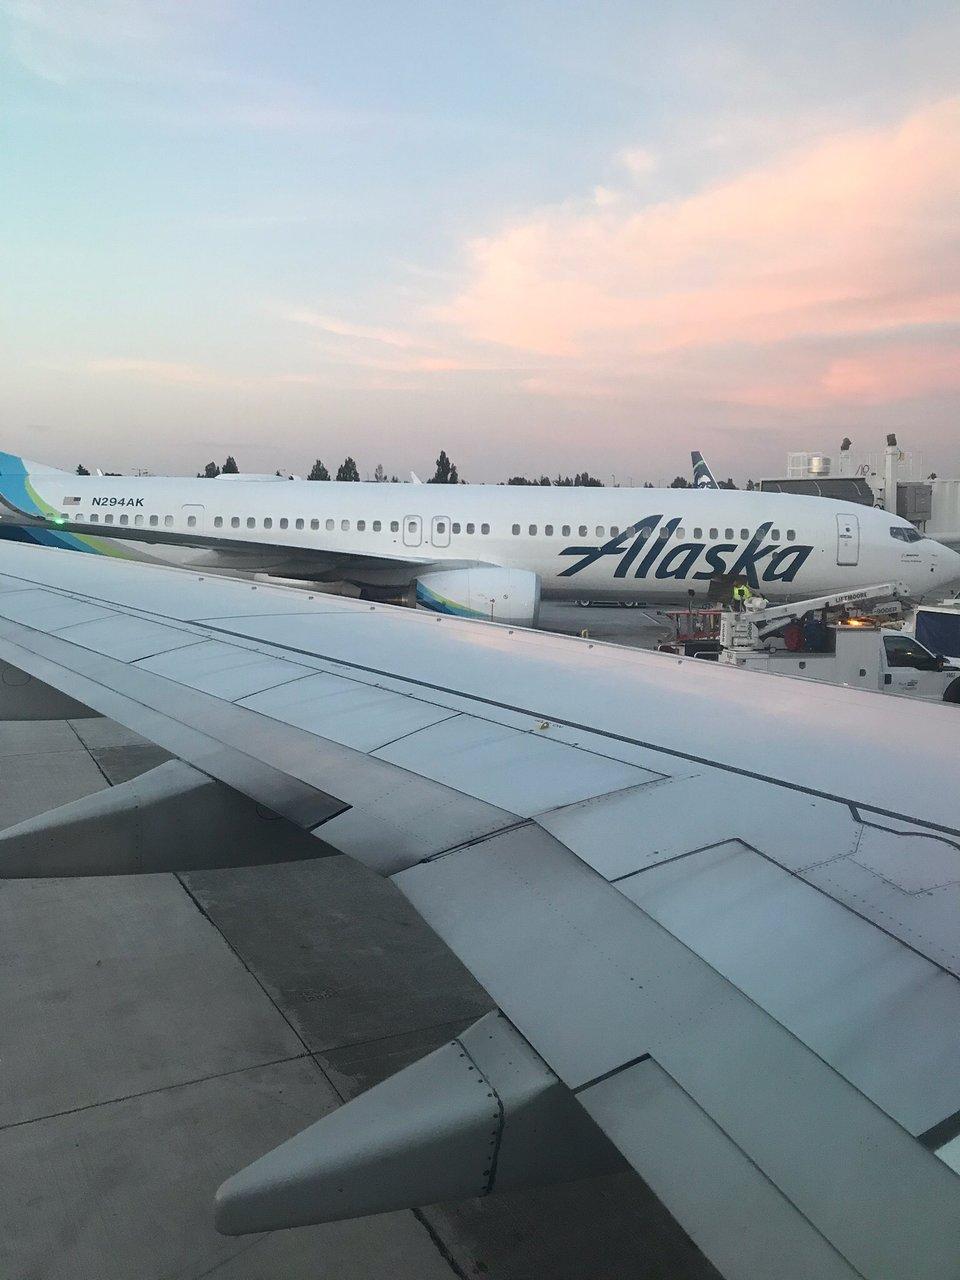 alaska airlines flights and reviews with photos tripadvisor rh tripadvisor com